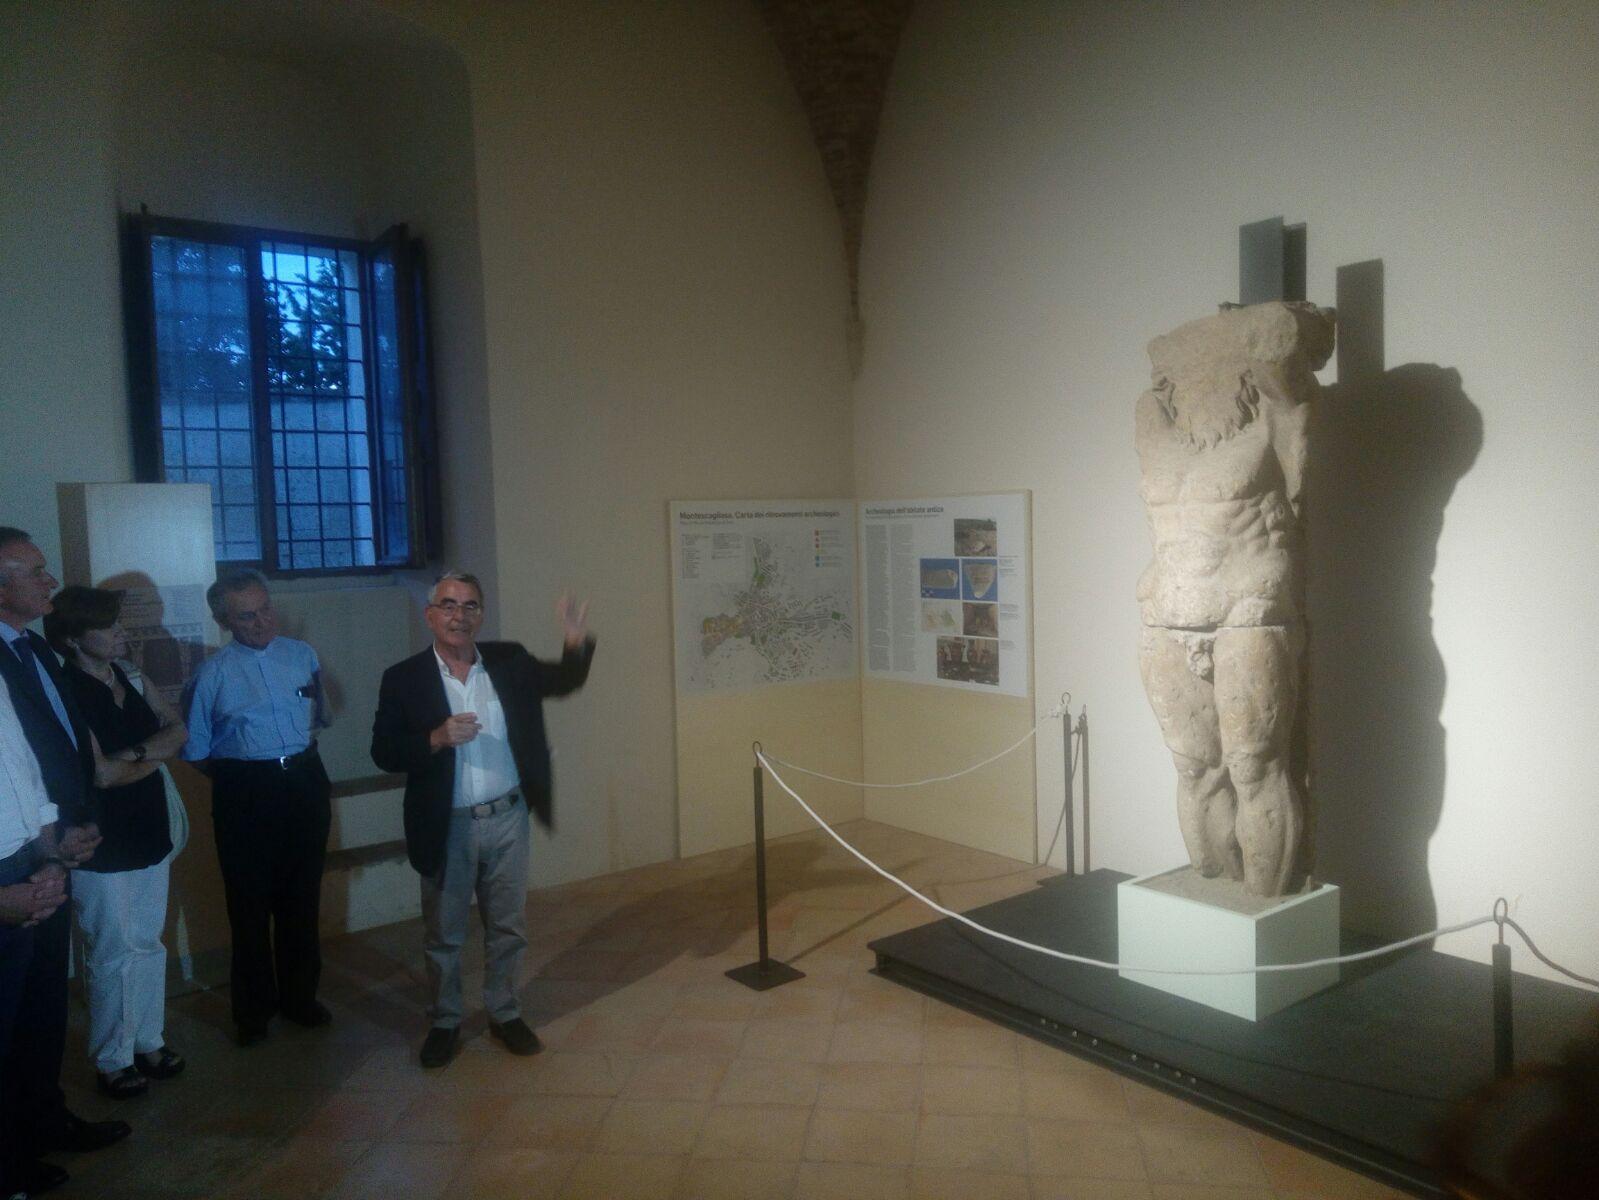 Il professor De Siena racconta la storia del ritrovamento del telamone di Montescaglioso e dell'importanza del centro lucano nel periodo magno greco.